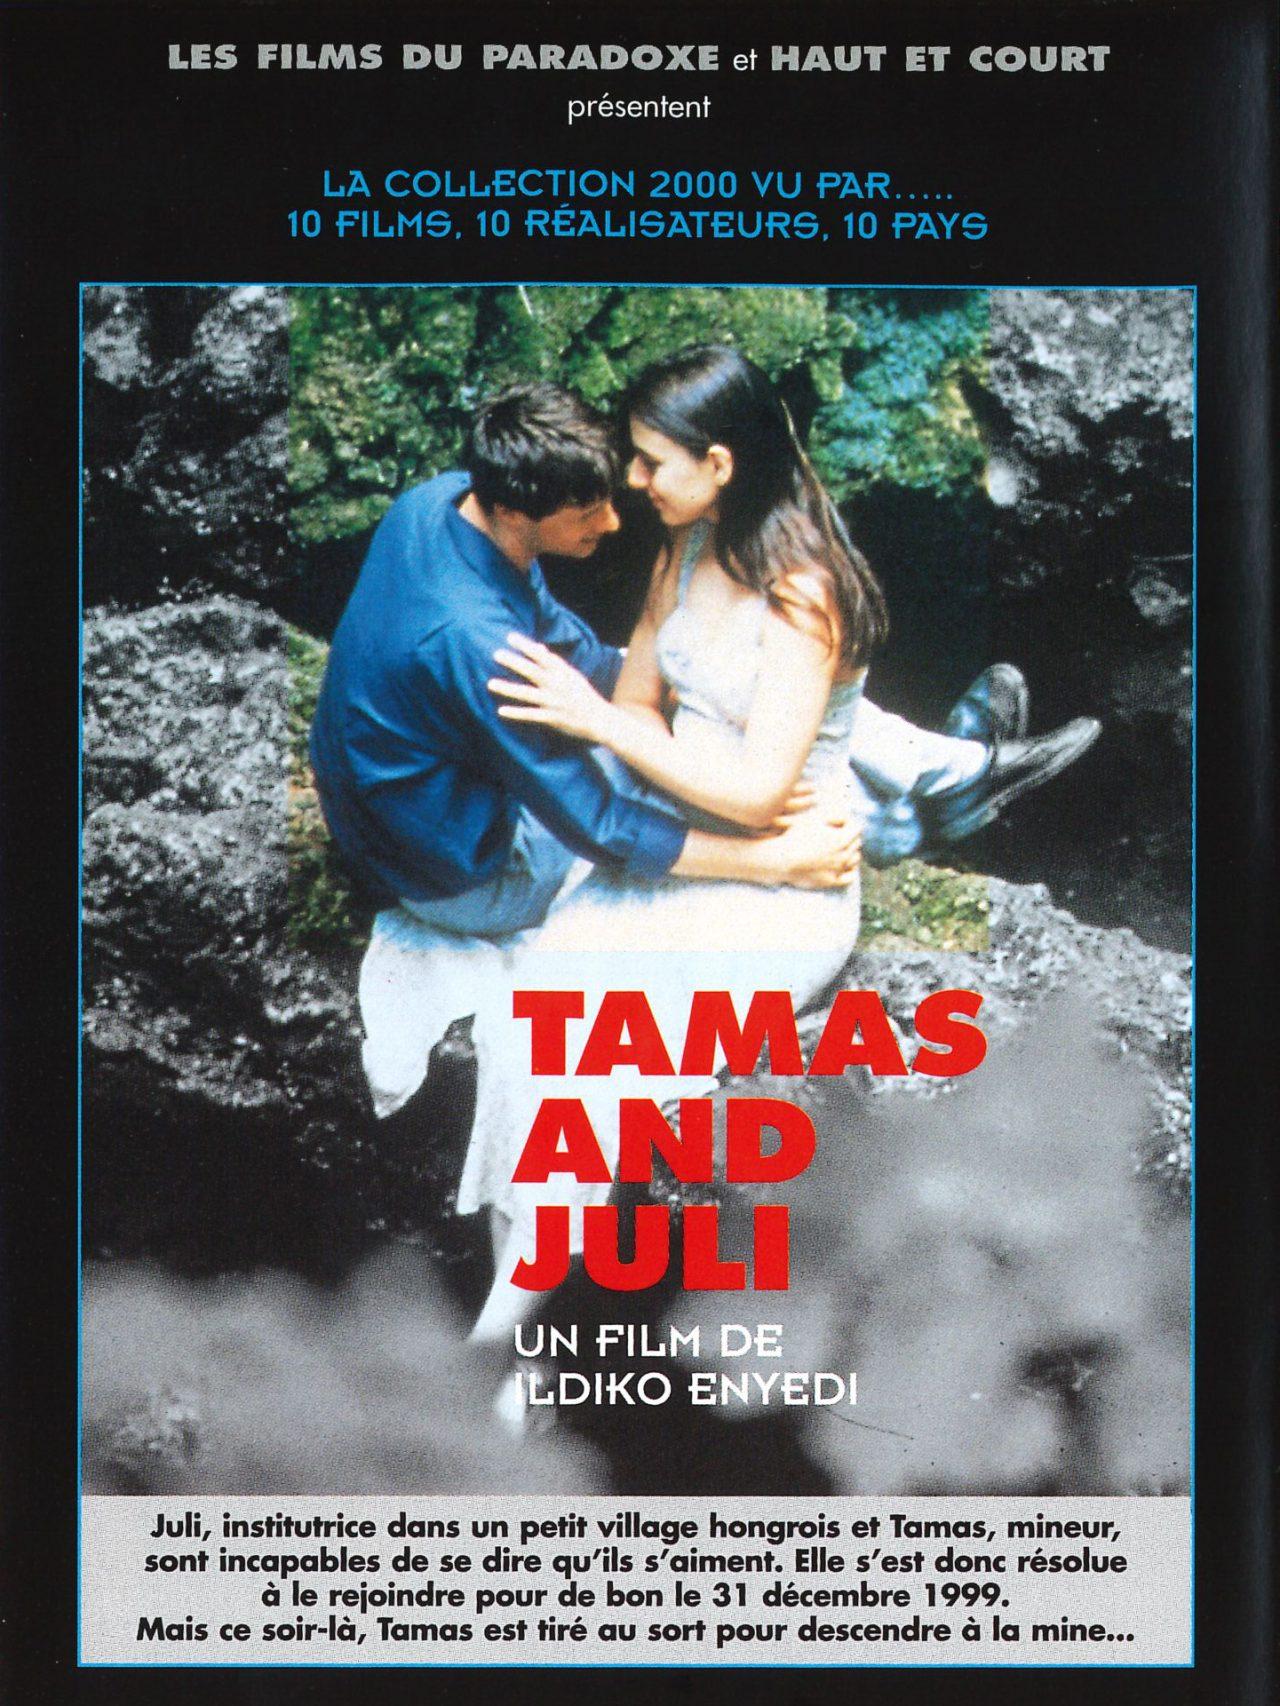 Votre dernier film visionné - Page 8 2000-vu-par-tamas_vhs-jpg-1280x1706